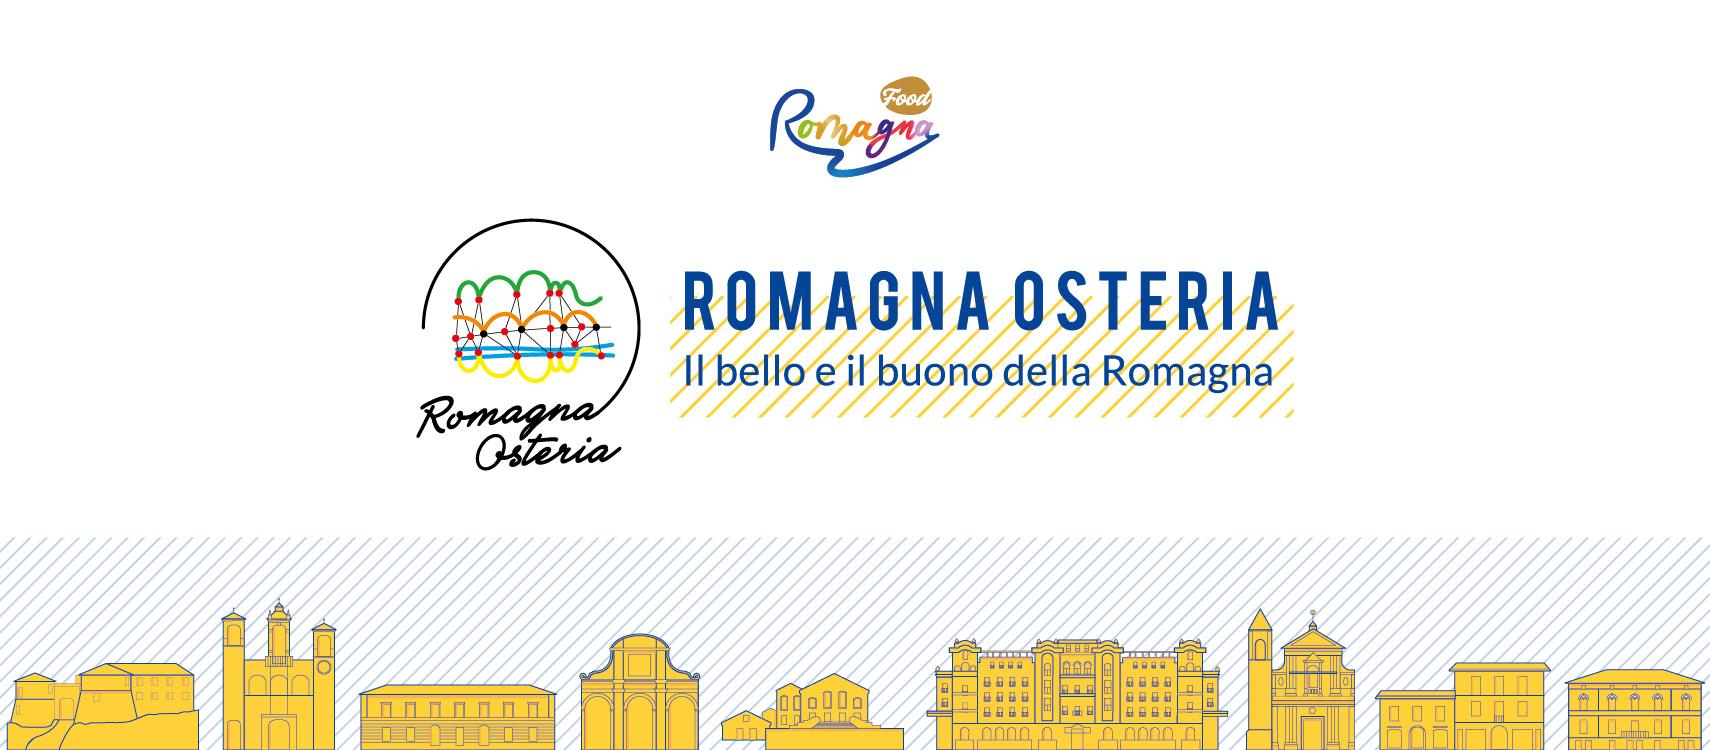 Romagna Osteria 2019